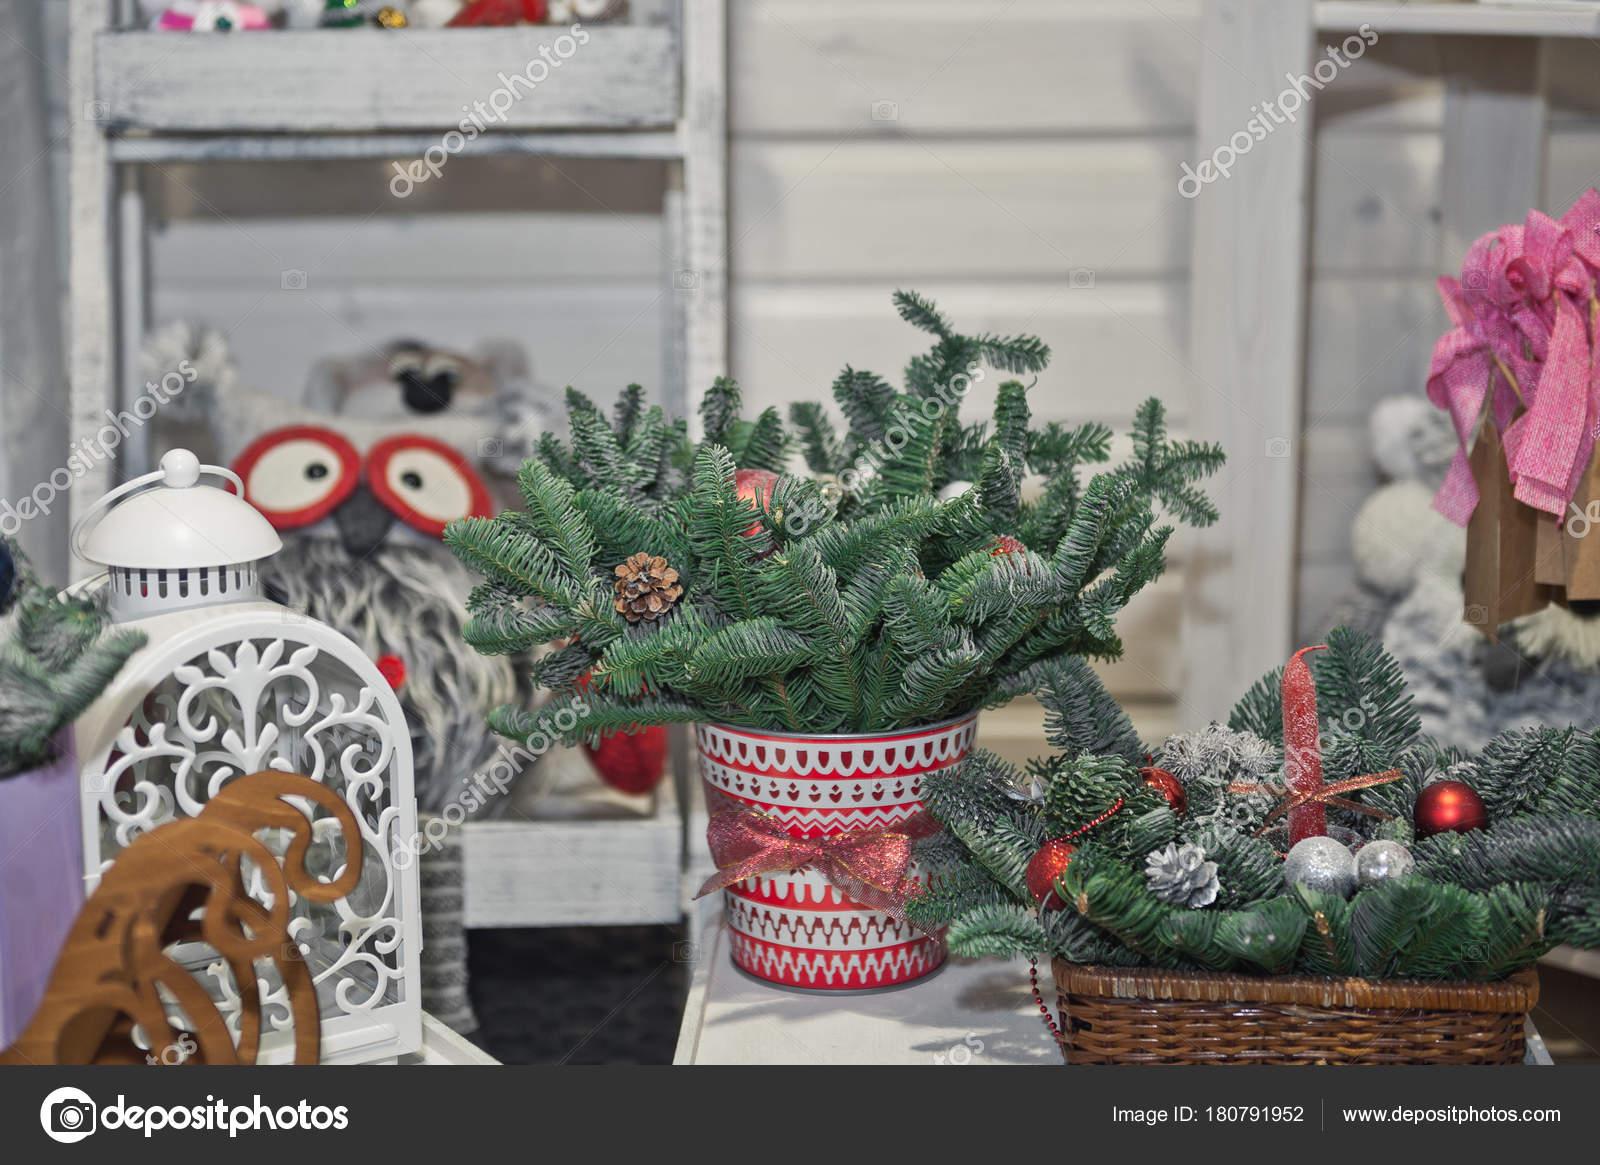 Weihnachtsbilder Kamin.Gemütliche Ecke Für Weihnachtsbilder Auf Der Mall 393 Stockfoto